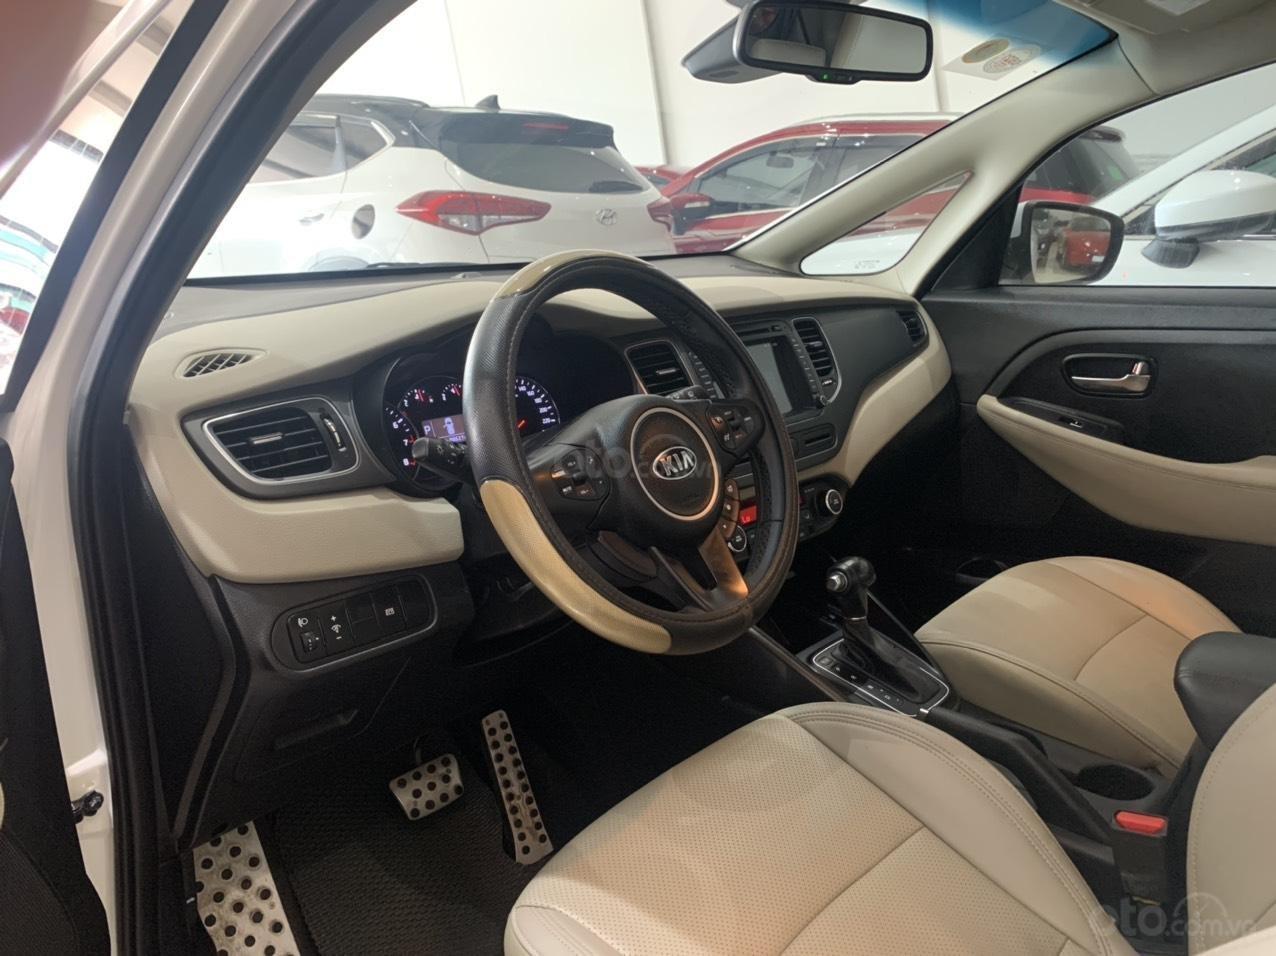 Bán xe Kia Rondo màu trắng xe đẹp, giá cả hợp lý (8)